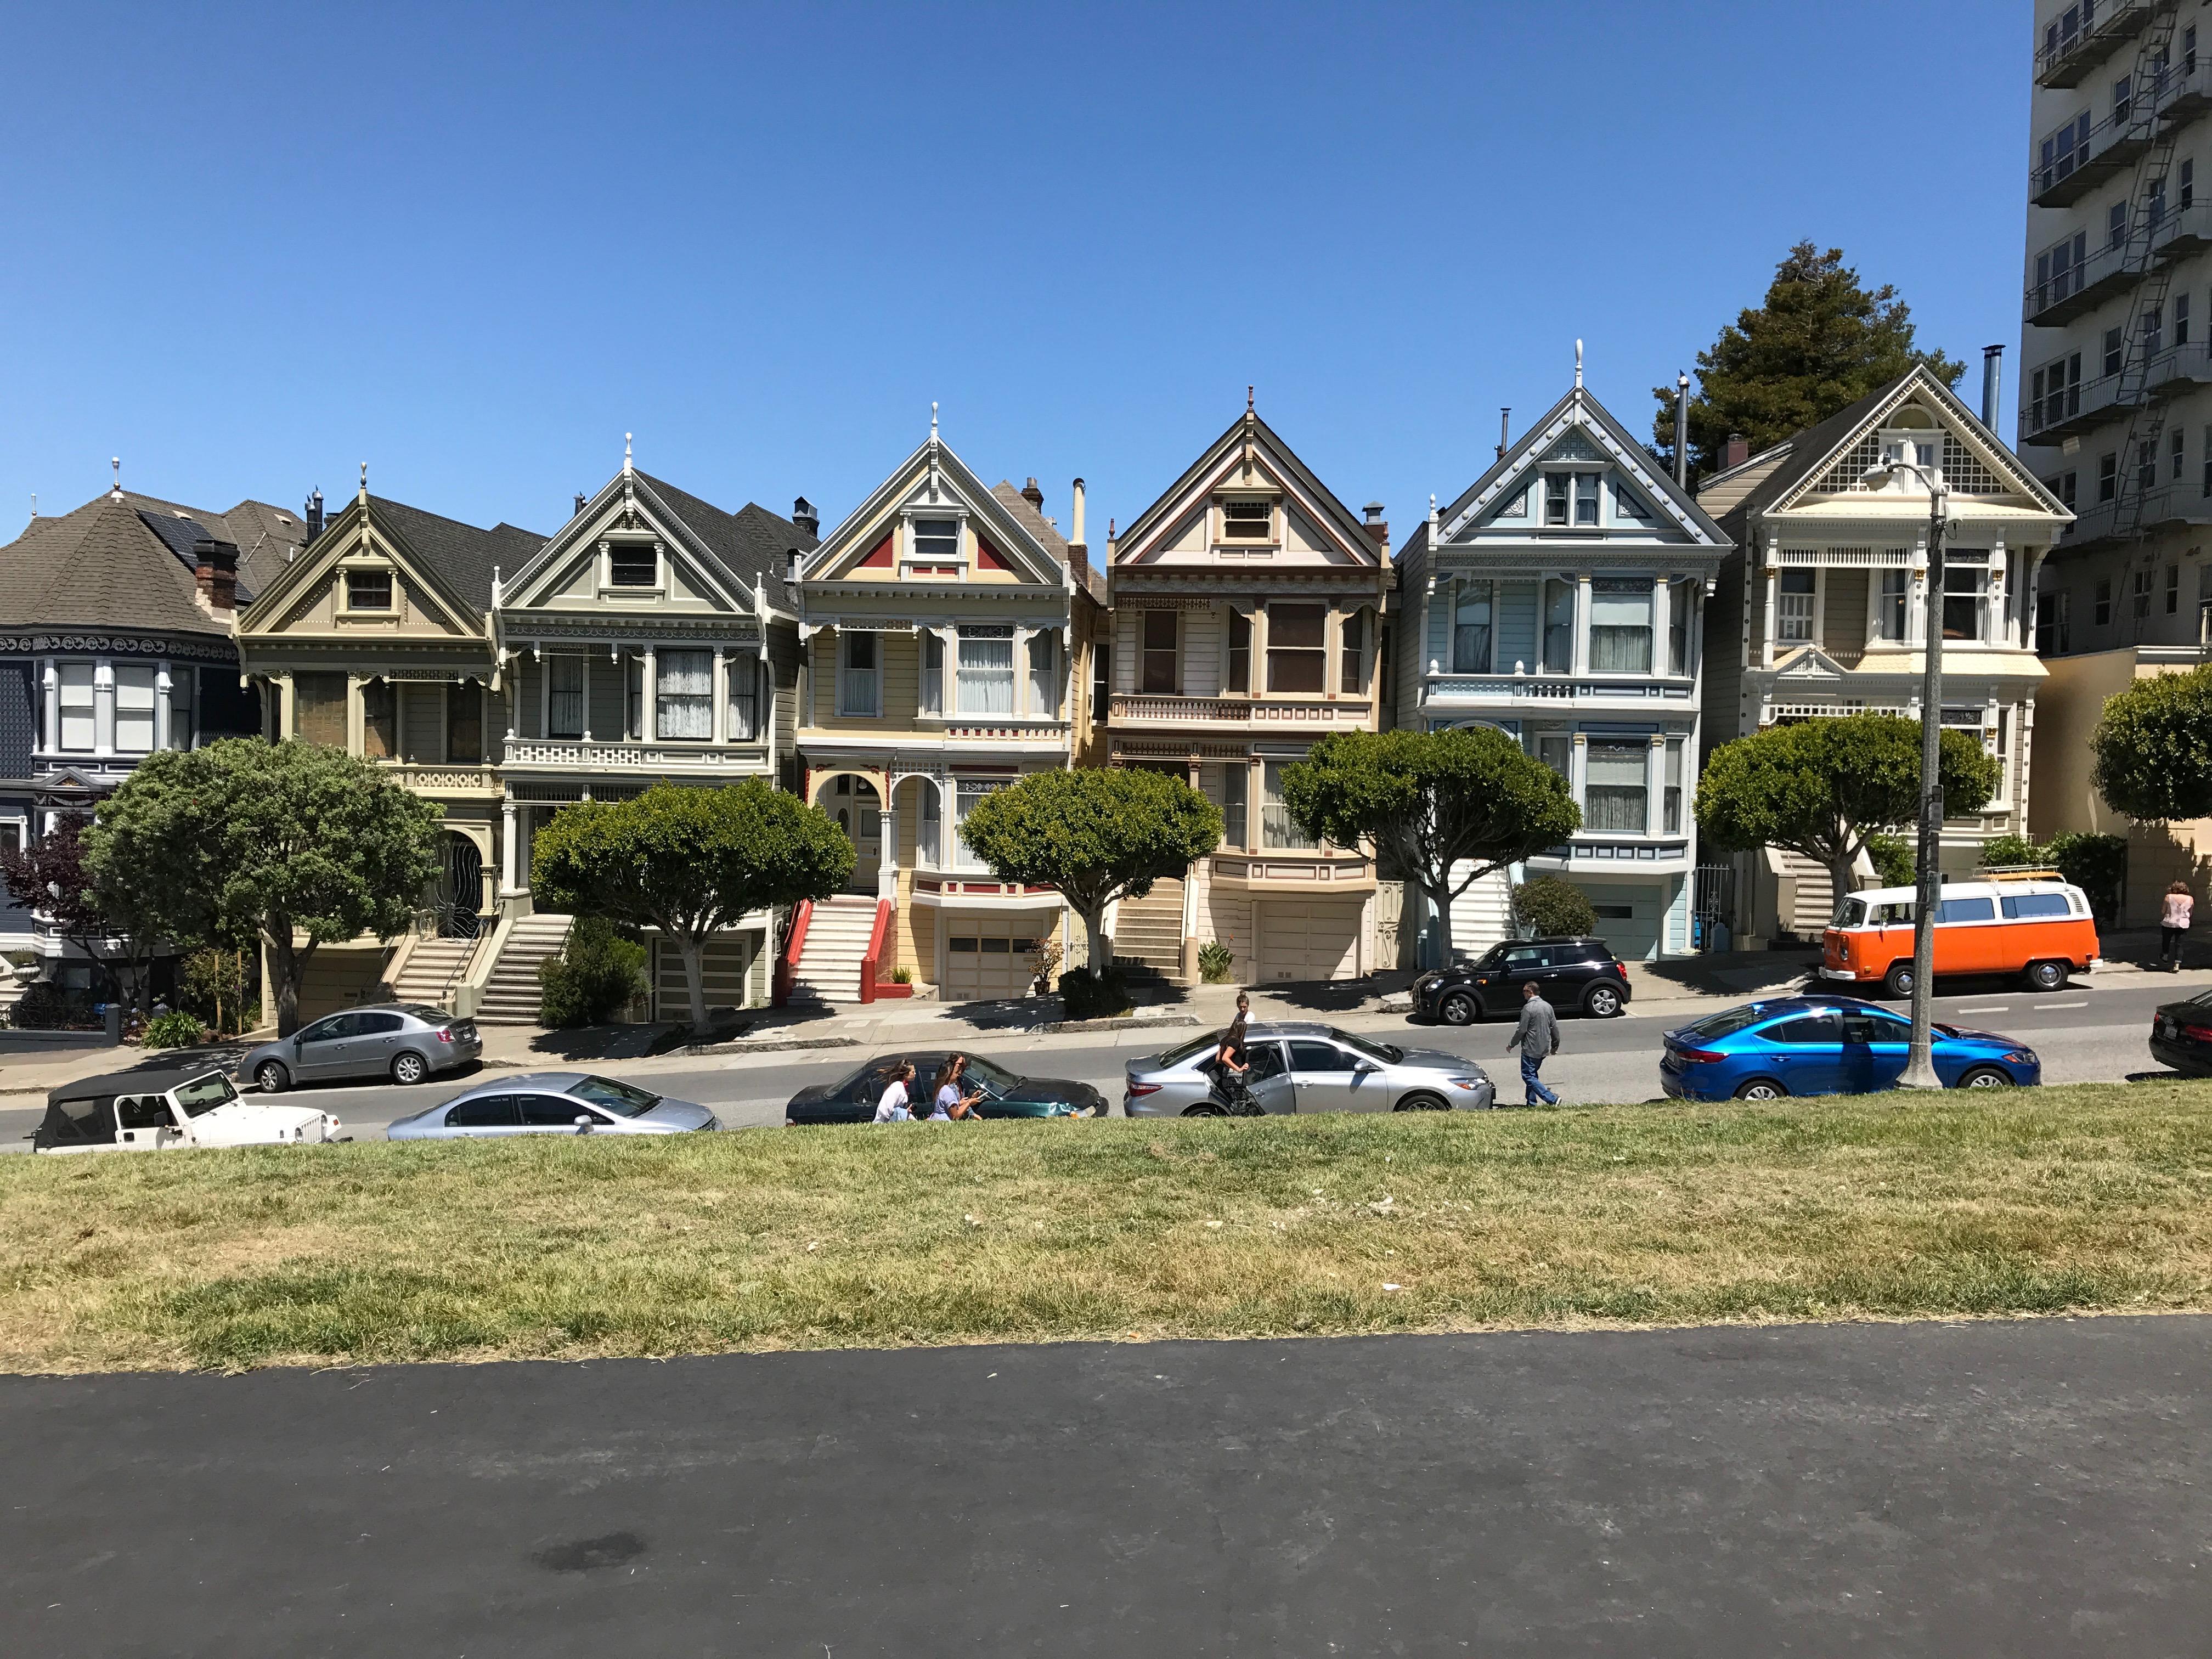 Sechs fast gleiche Häuser: Die painted Ladies.